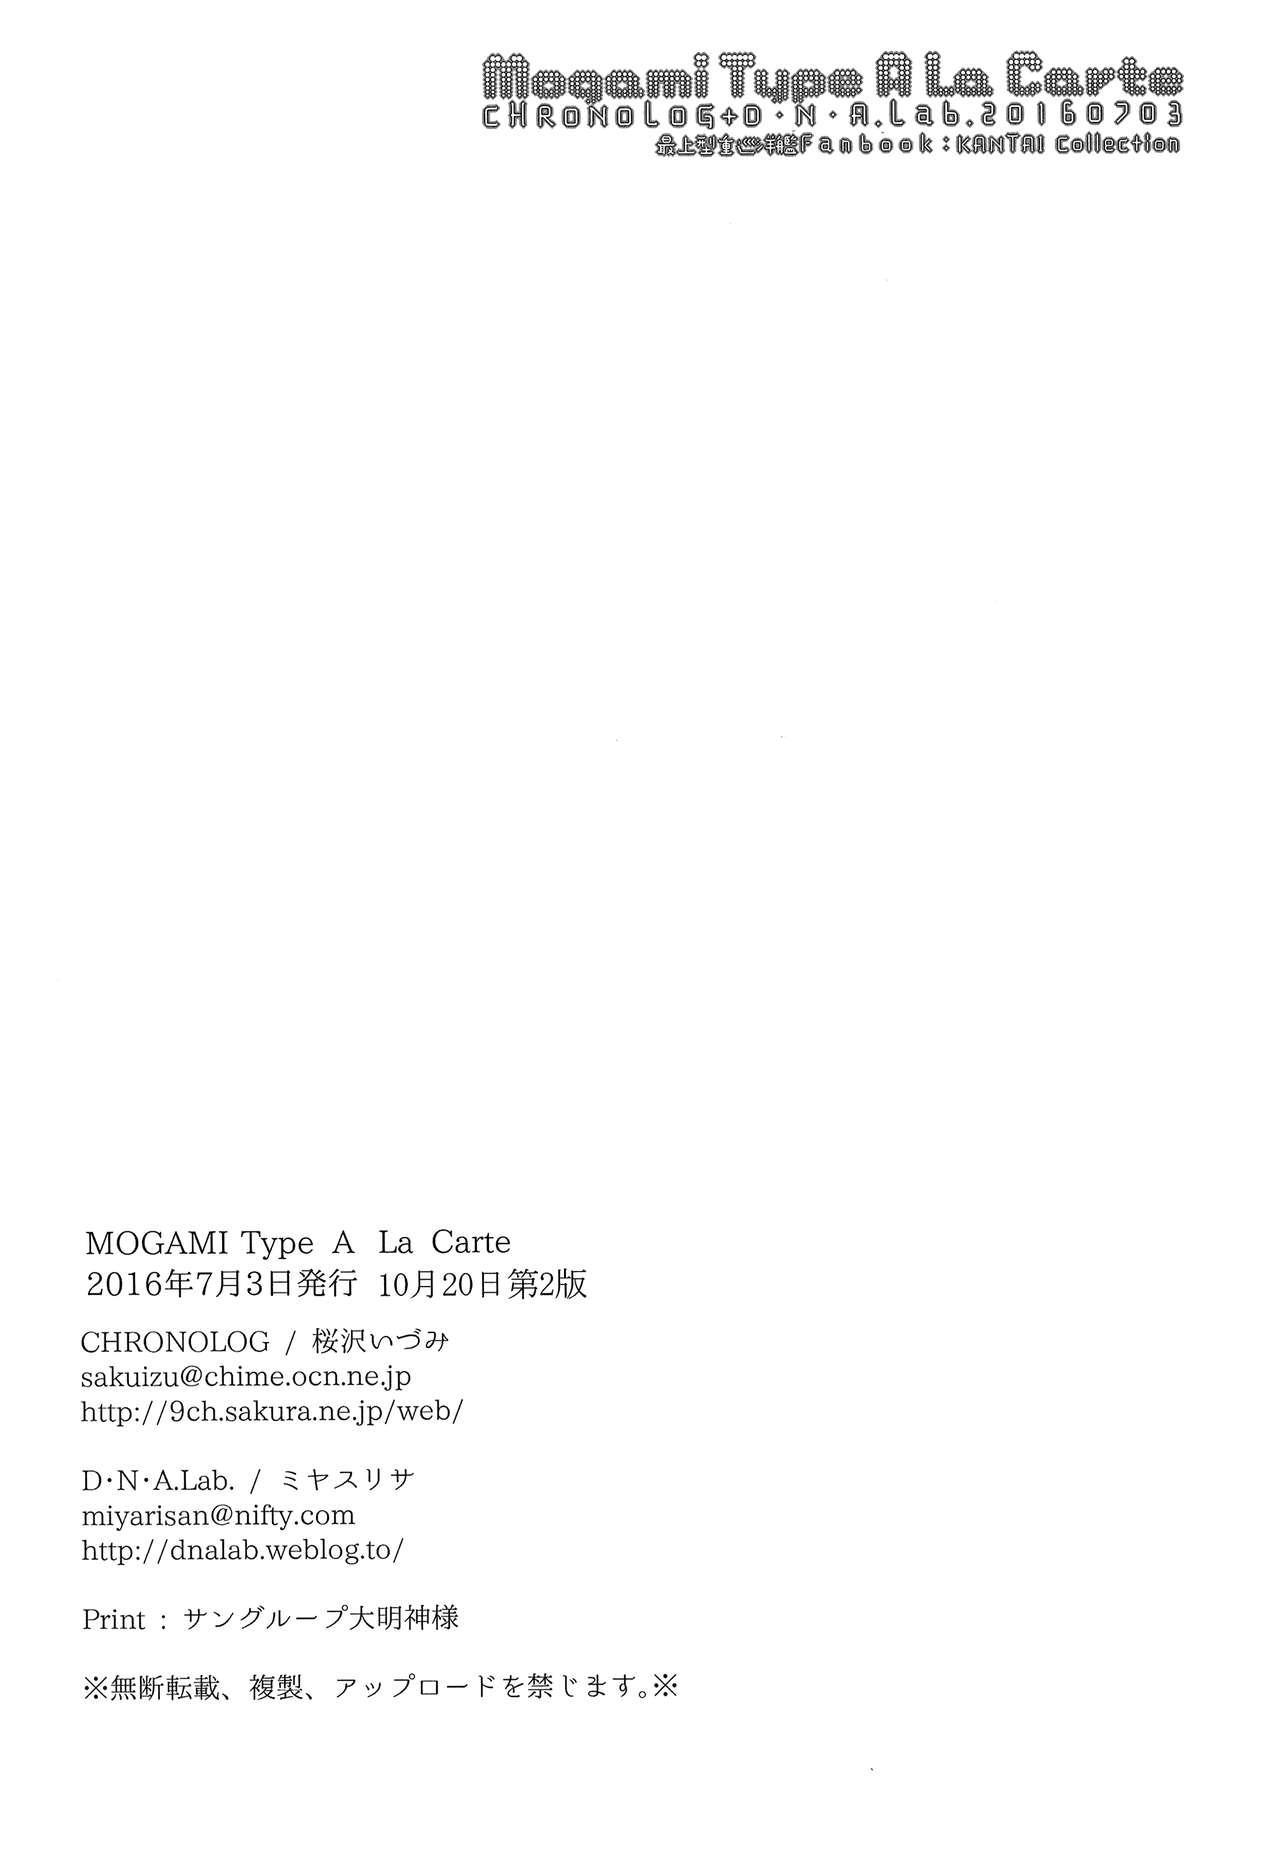 Mogami Type A La Carte 35